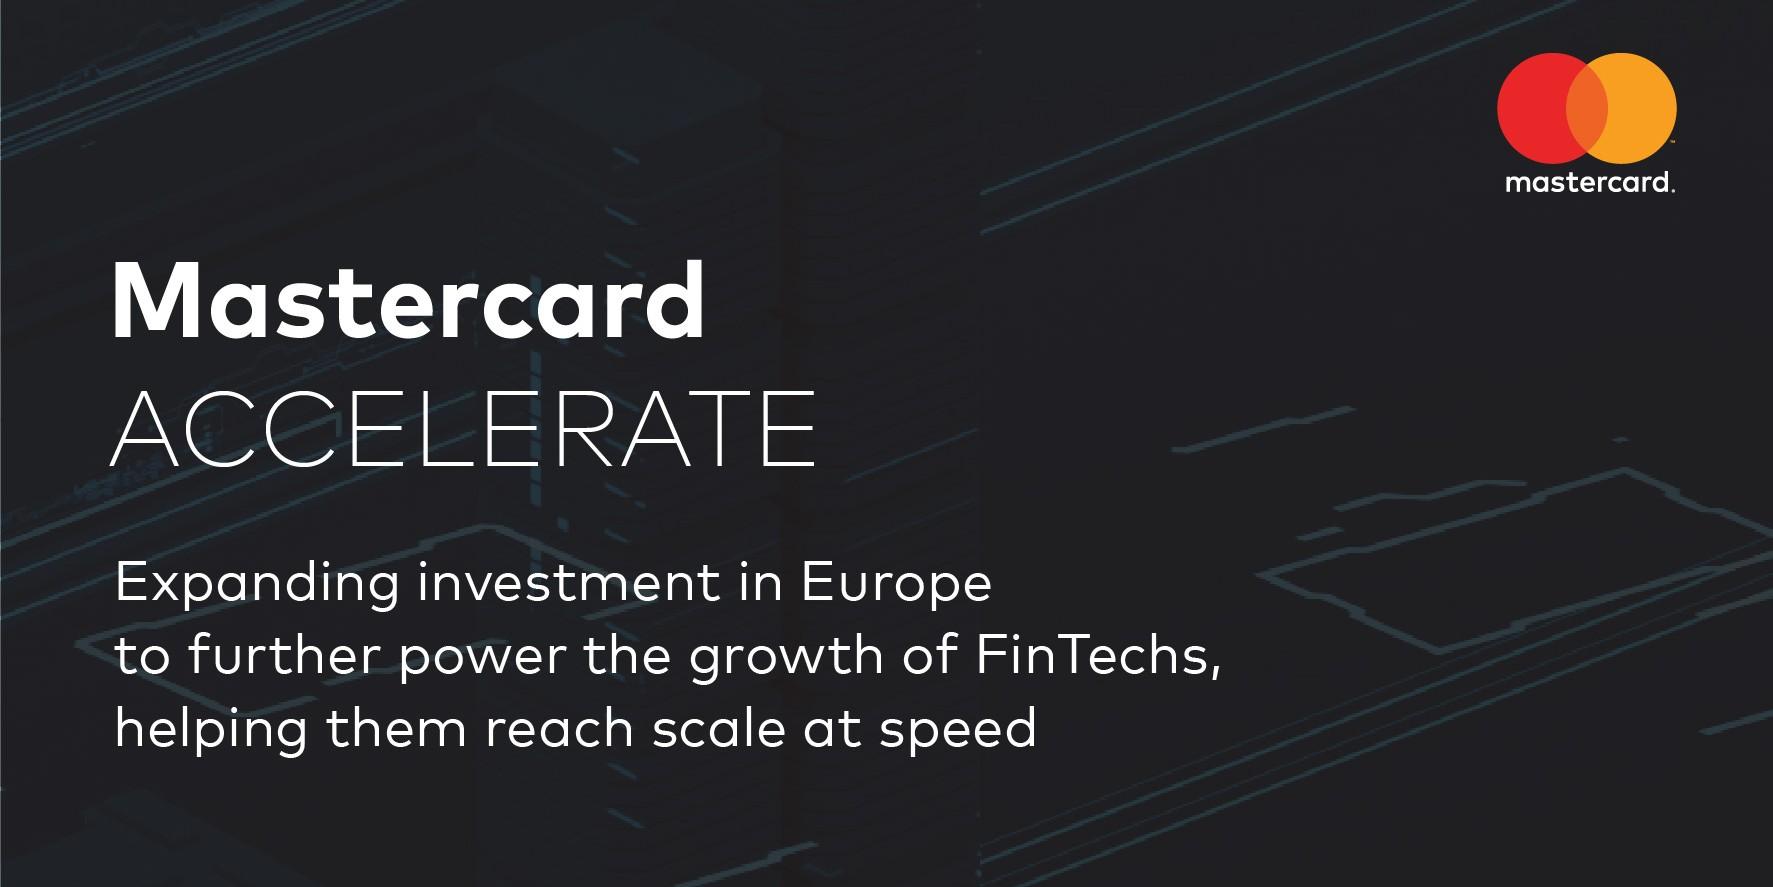 Mastercard lanceert Accelerate en versterkt zijn steun voor FinTech-bedrijven